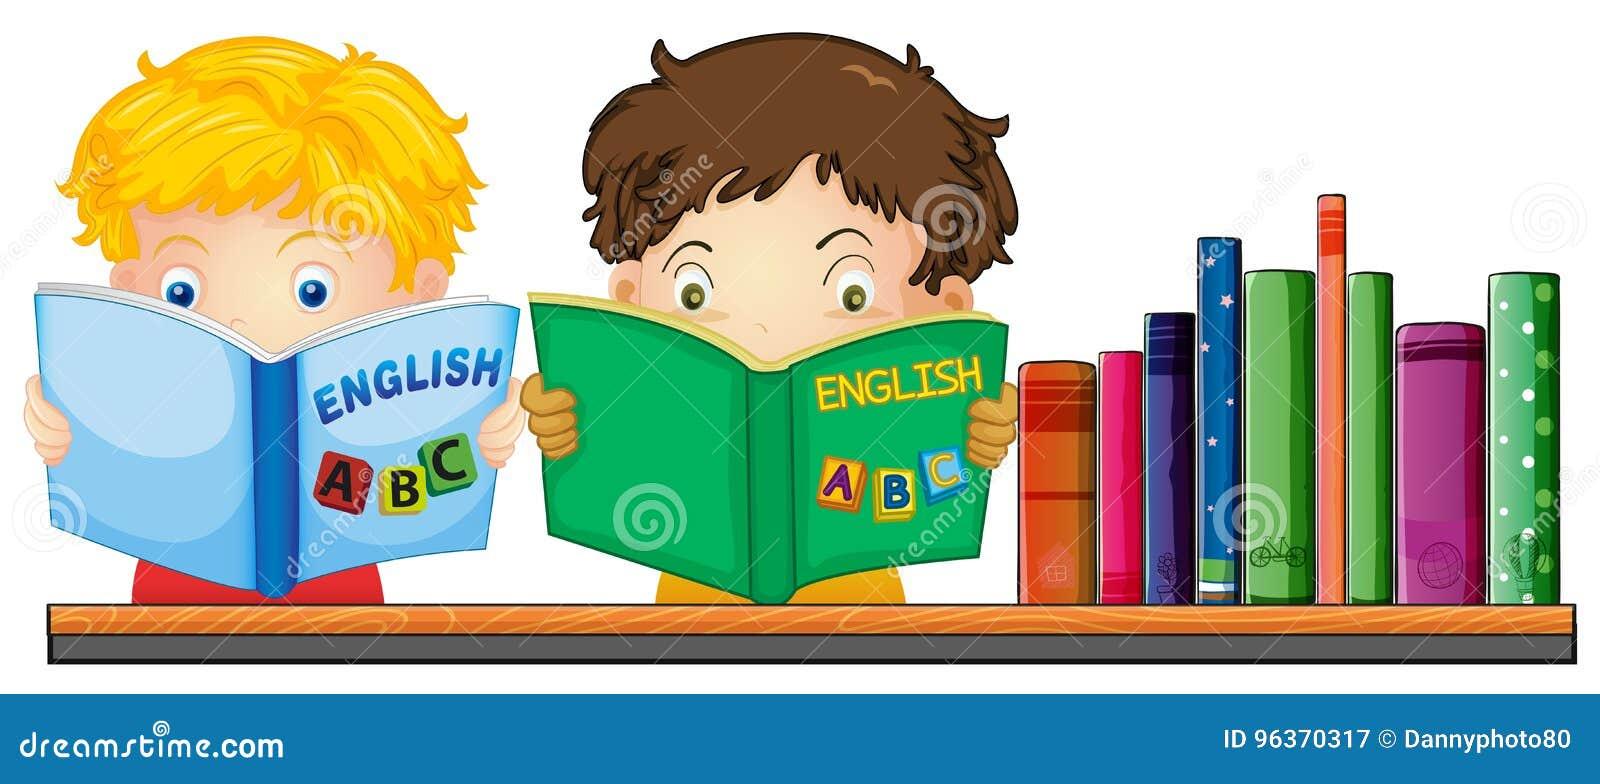 kinder, die englisches buch lesen vektor abbildung - illustration